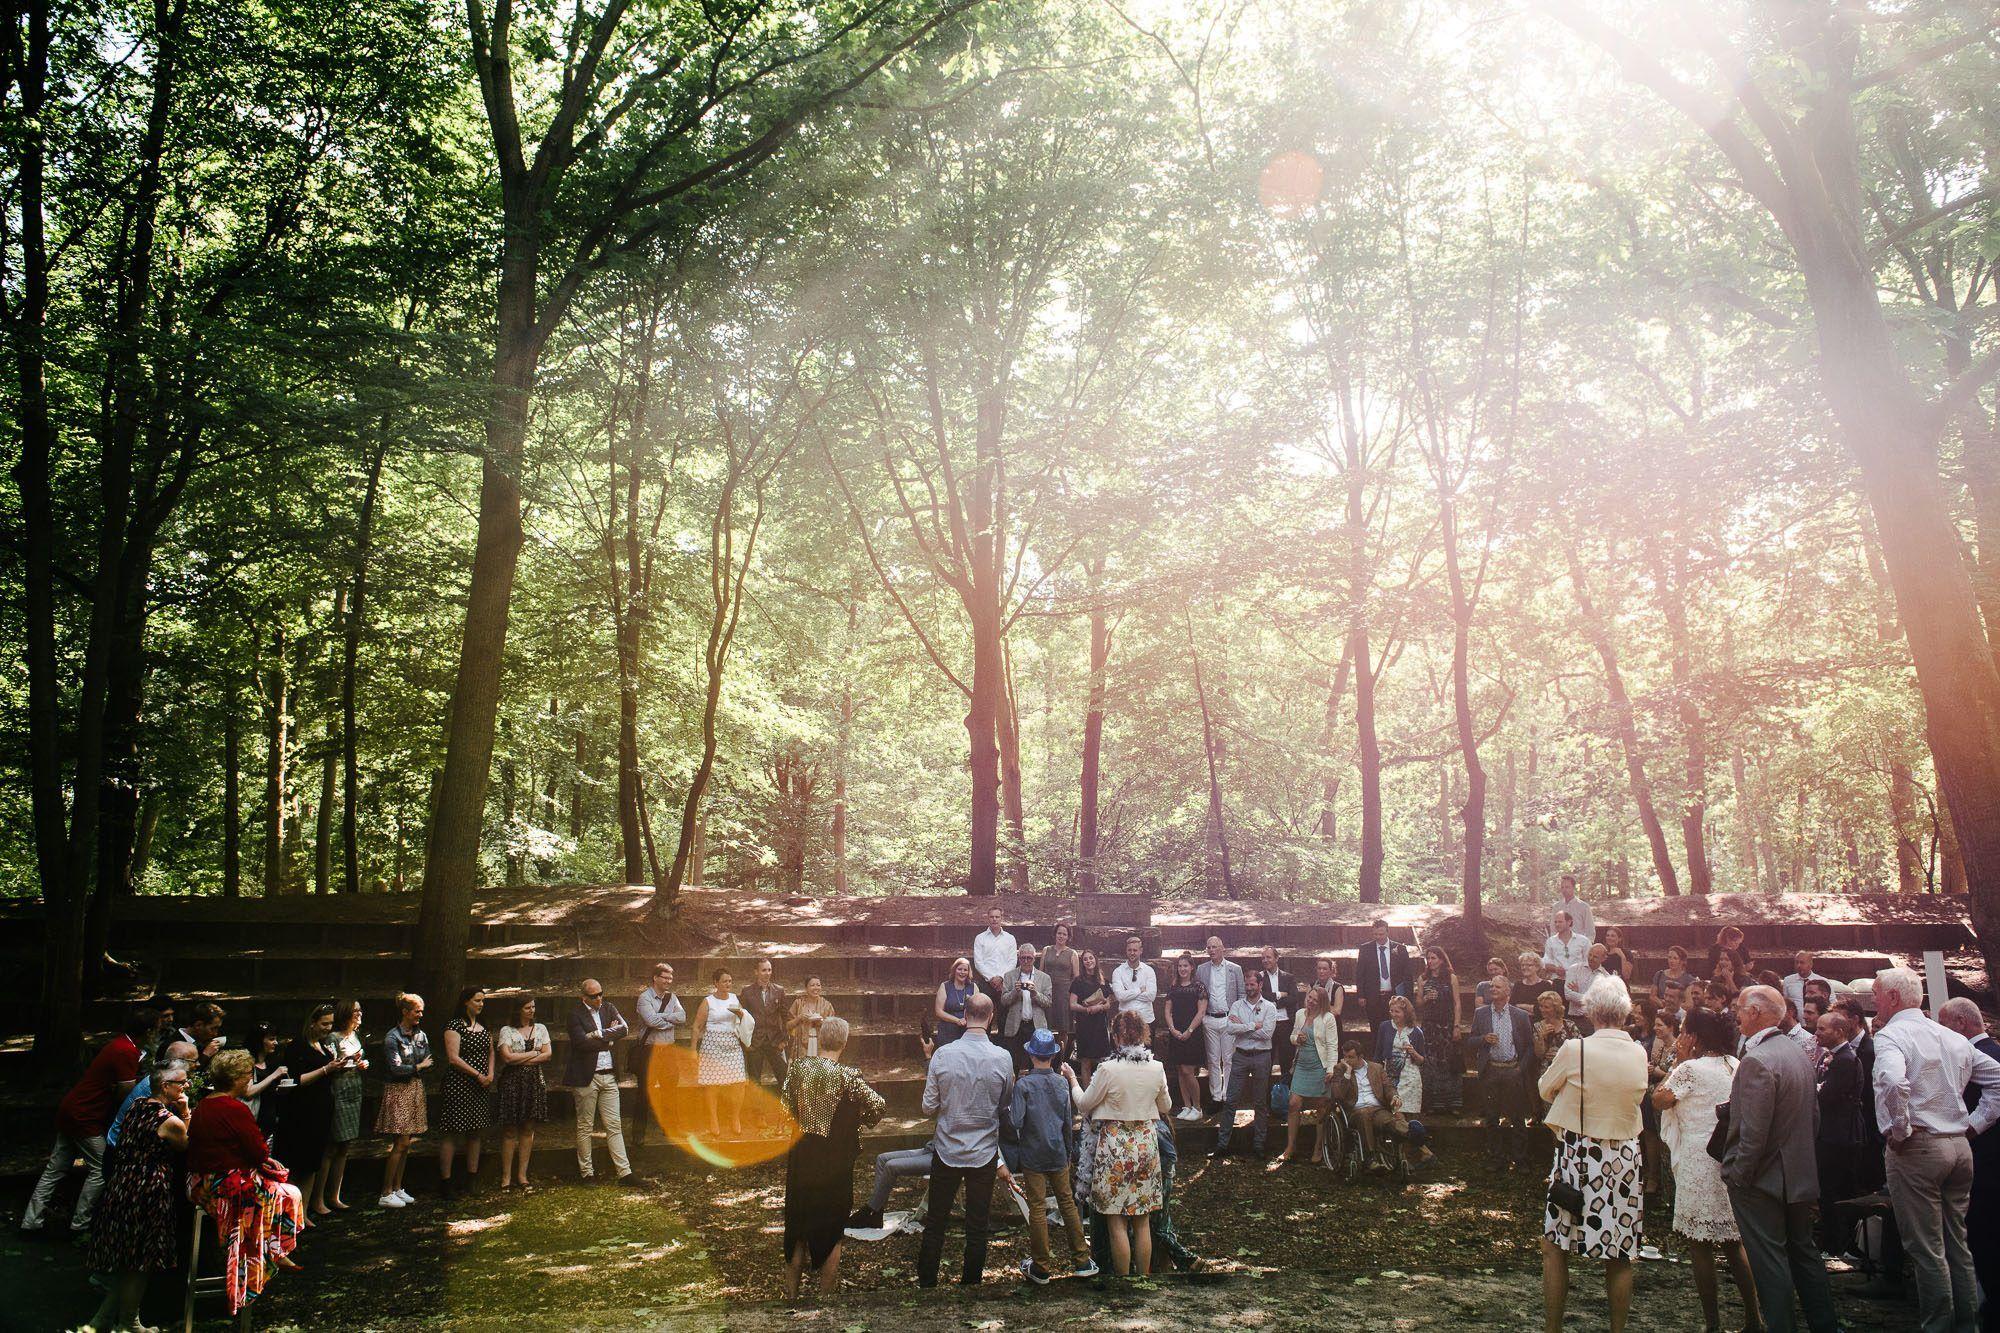 trouwen buiten in het bos